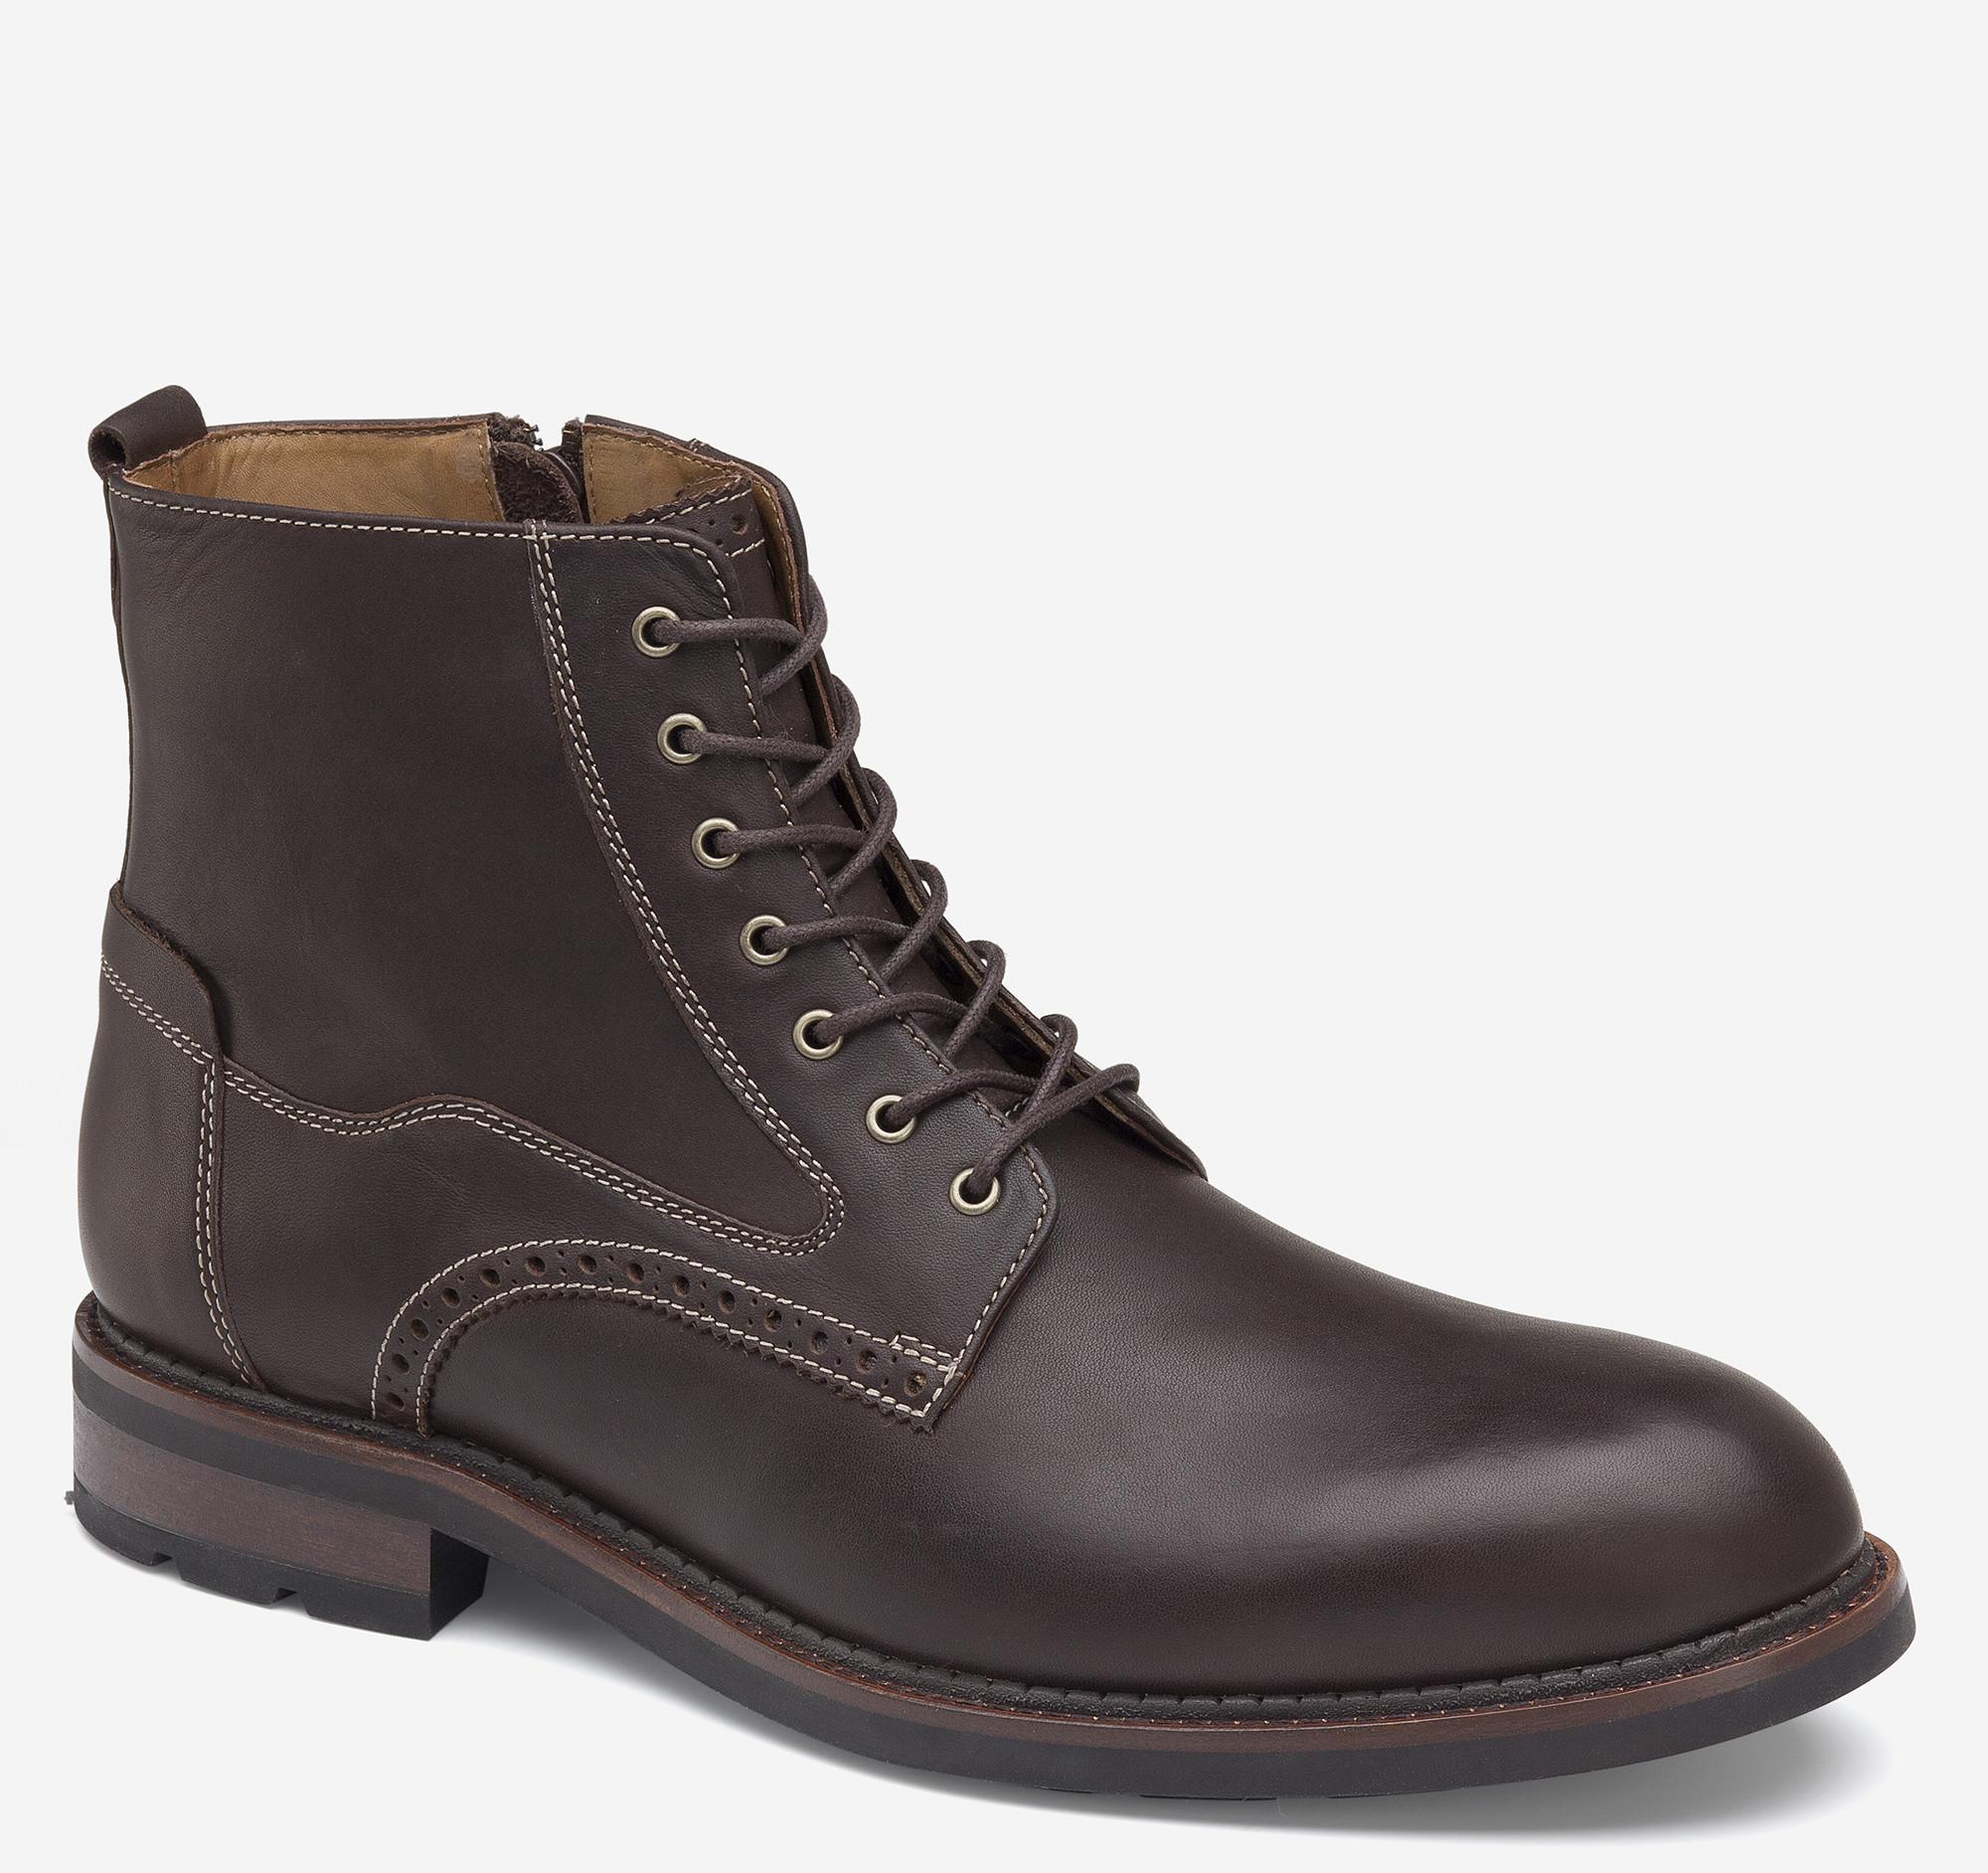 Johnston & Murphy Fullerton Plain Toe Boot